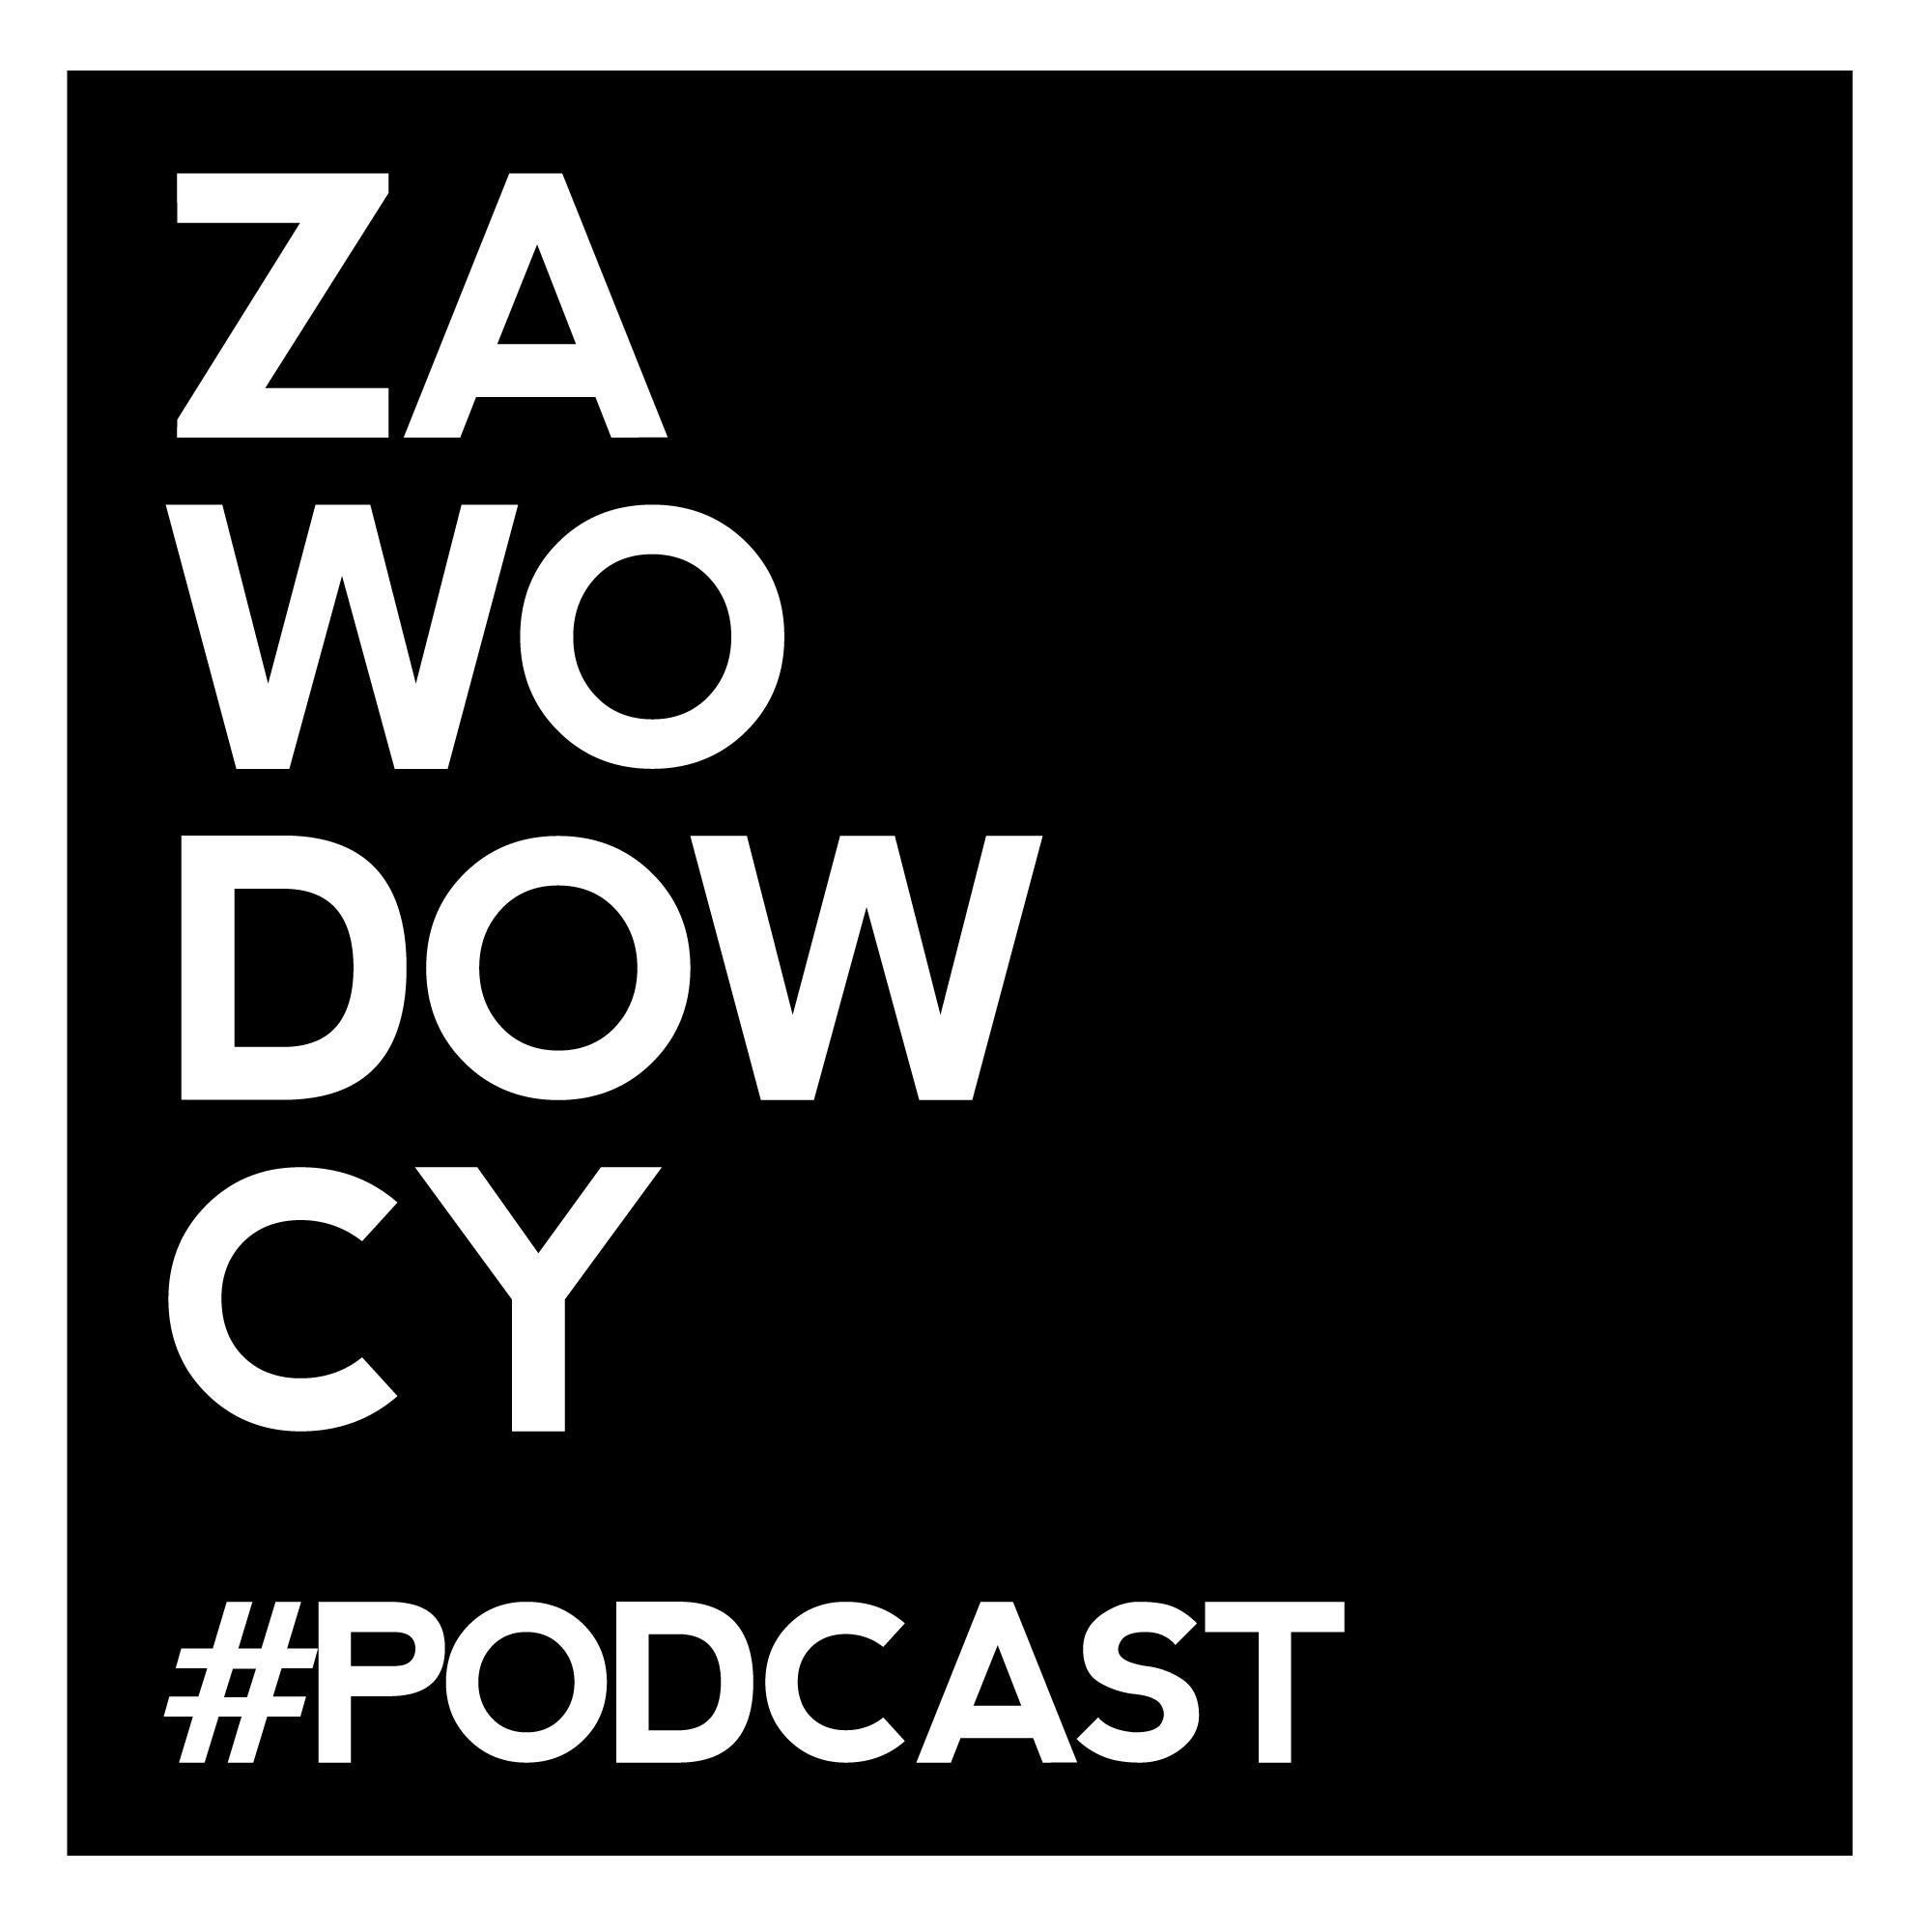 Podcast ZAWODOWCY – Karol Stryja